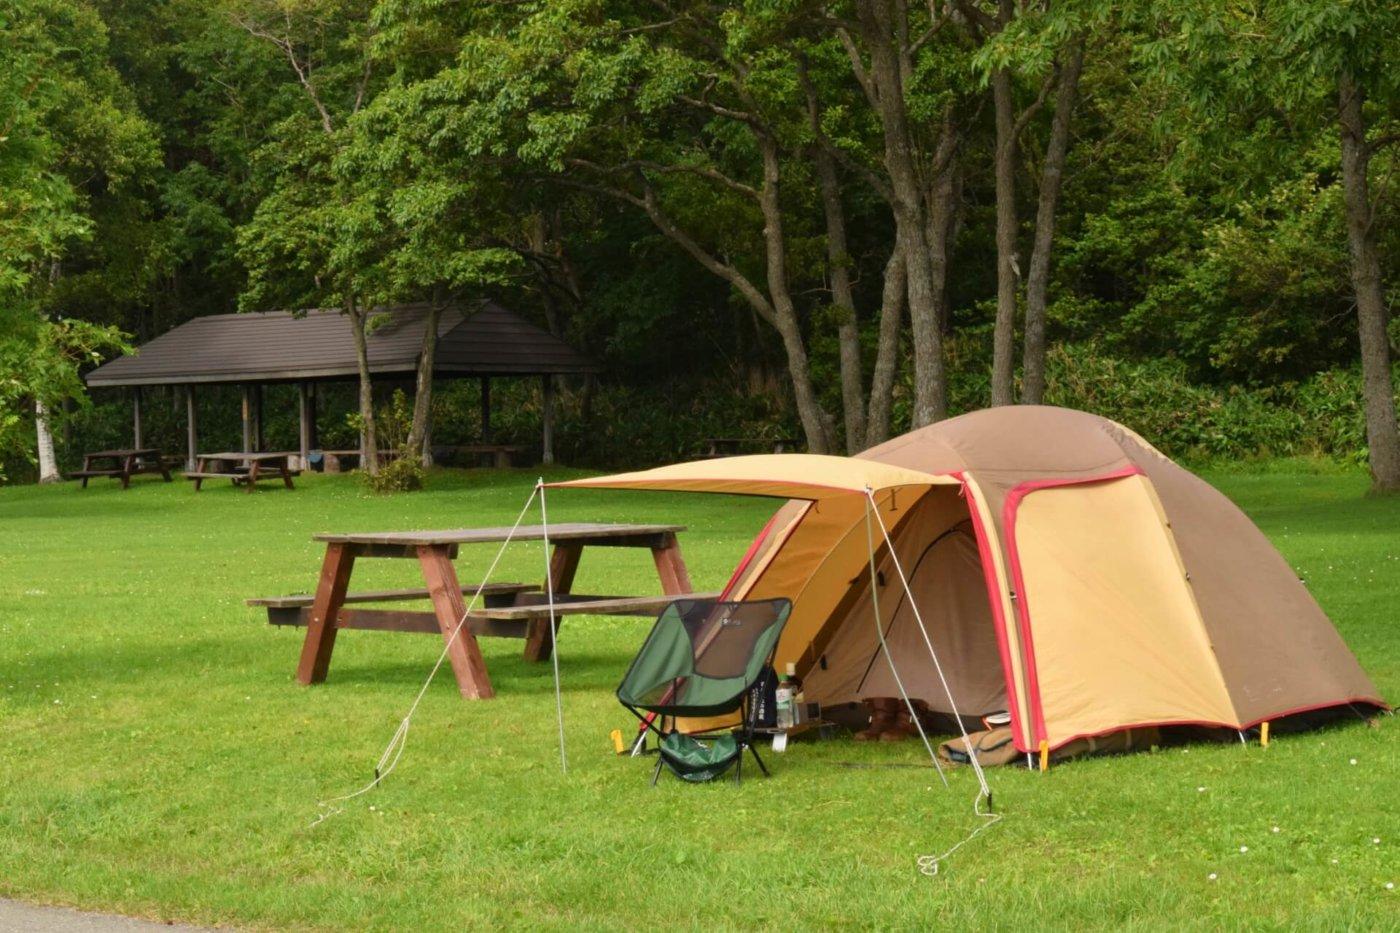 キャンプ用品もおしゃれなものを揃えよう!